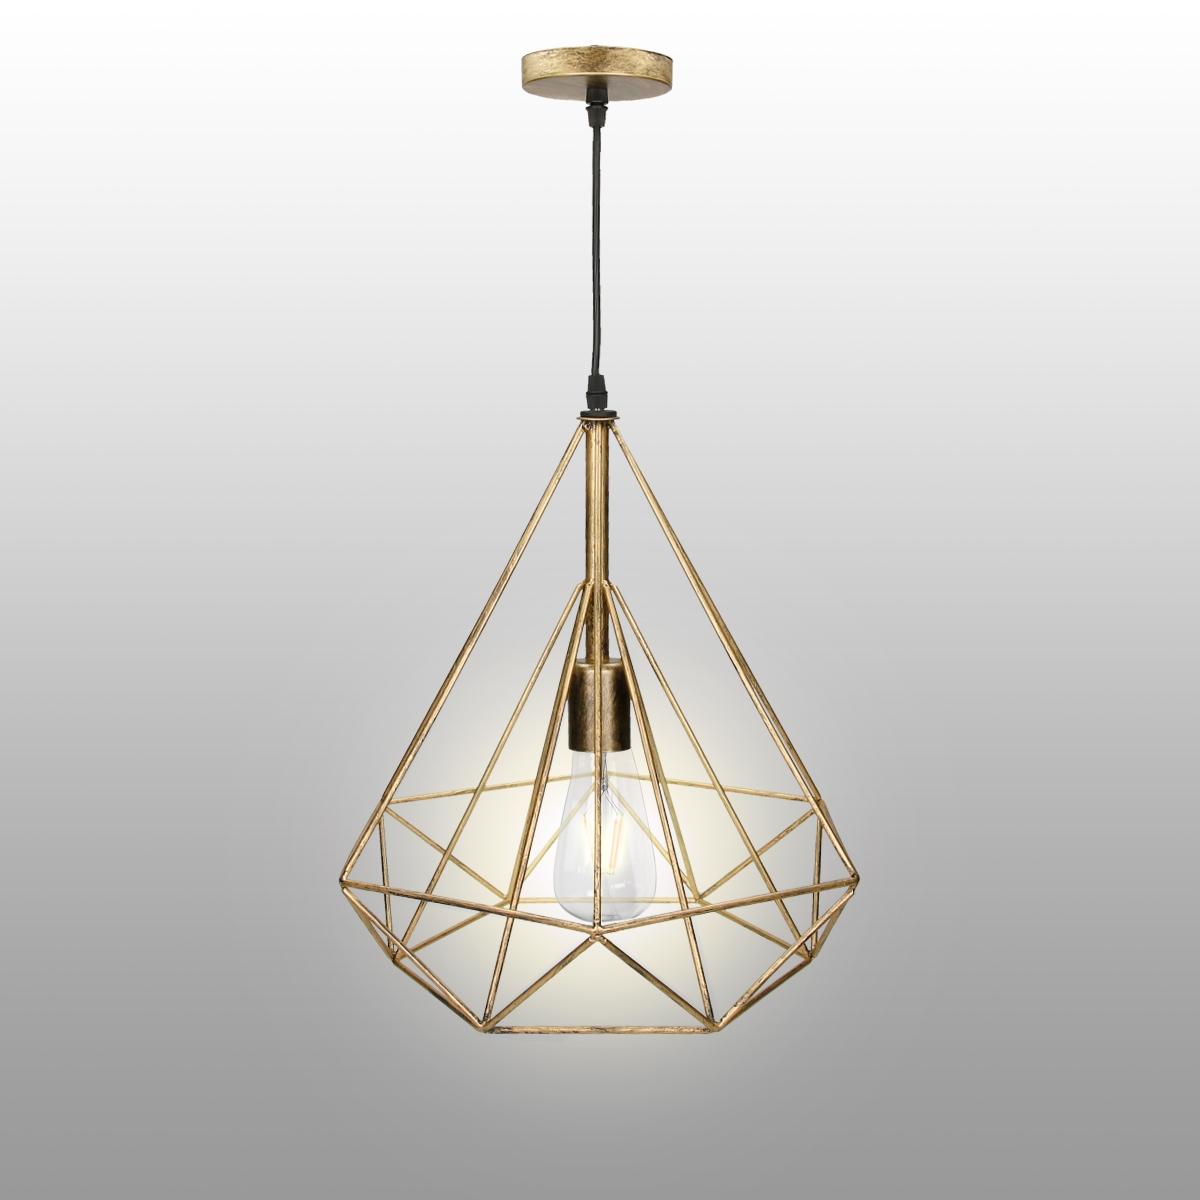 h ngeleuchte deckenleuchte kronleuchte h ngelampe vintage l ster lampe leuchte ebay. Black Bedroom Furniture Sets. Home Design Ideas